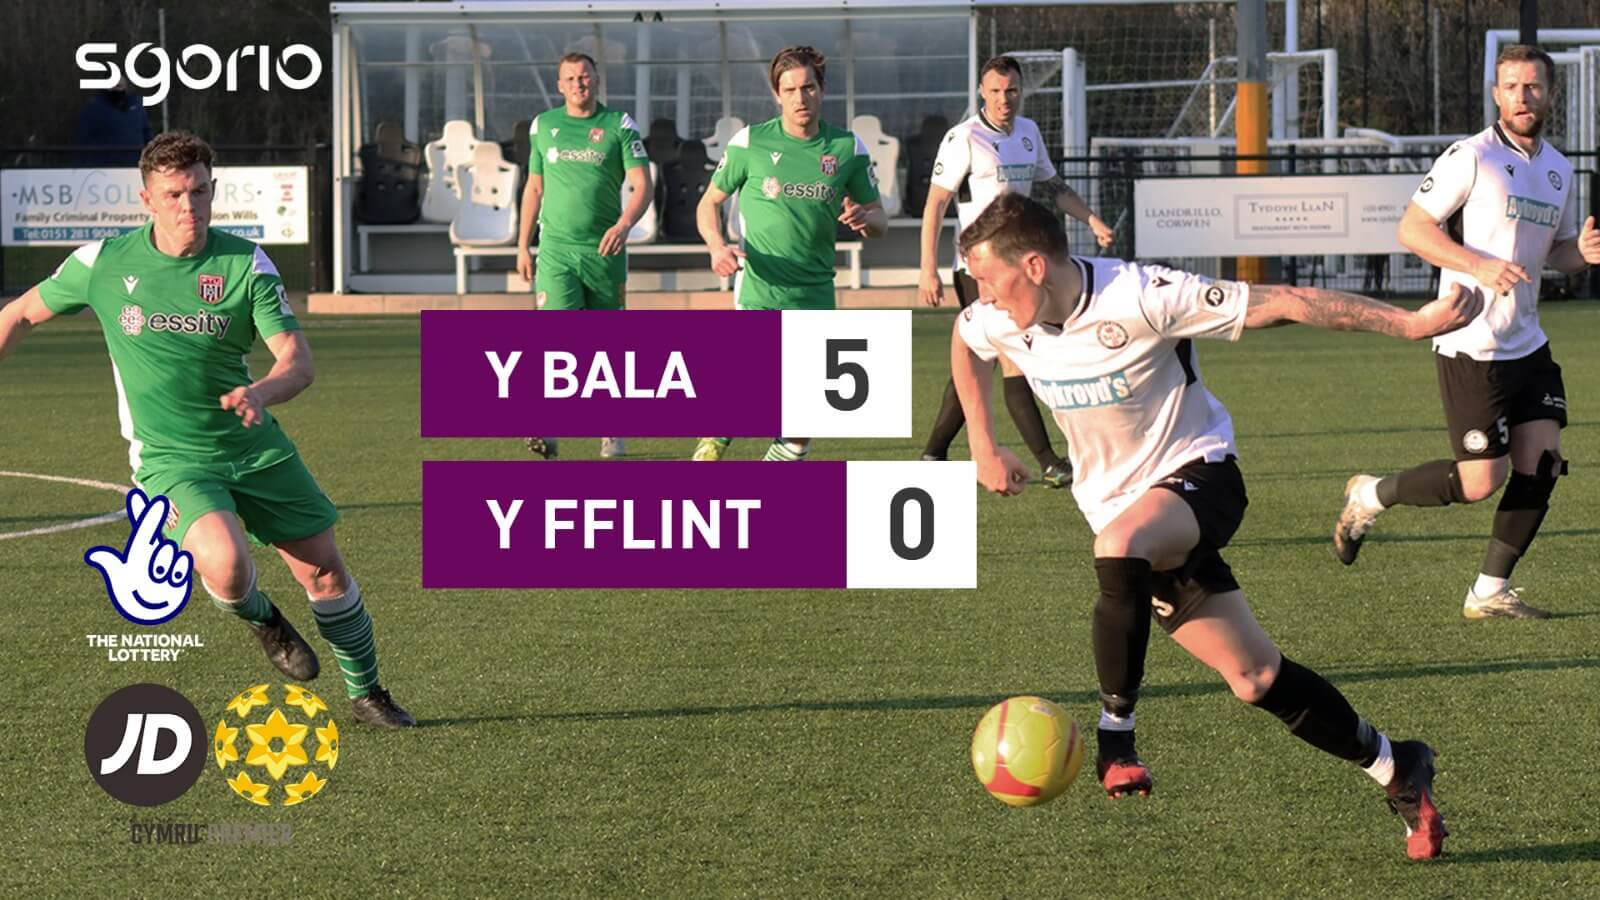 Y Bala 5-0 Y Fflint